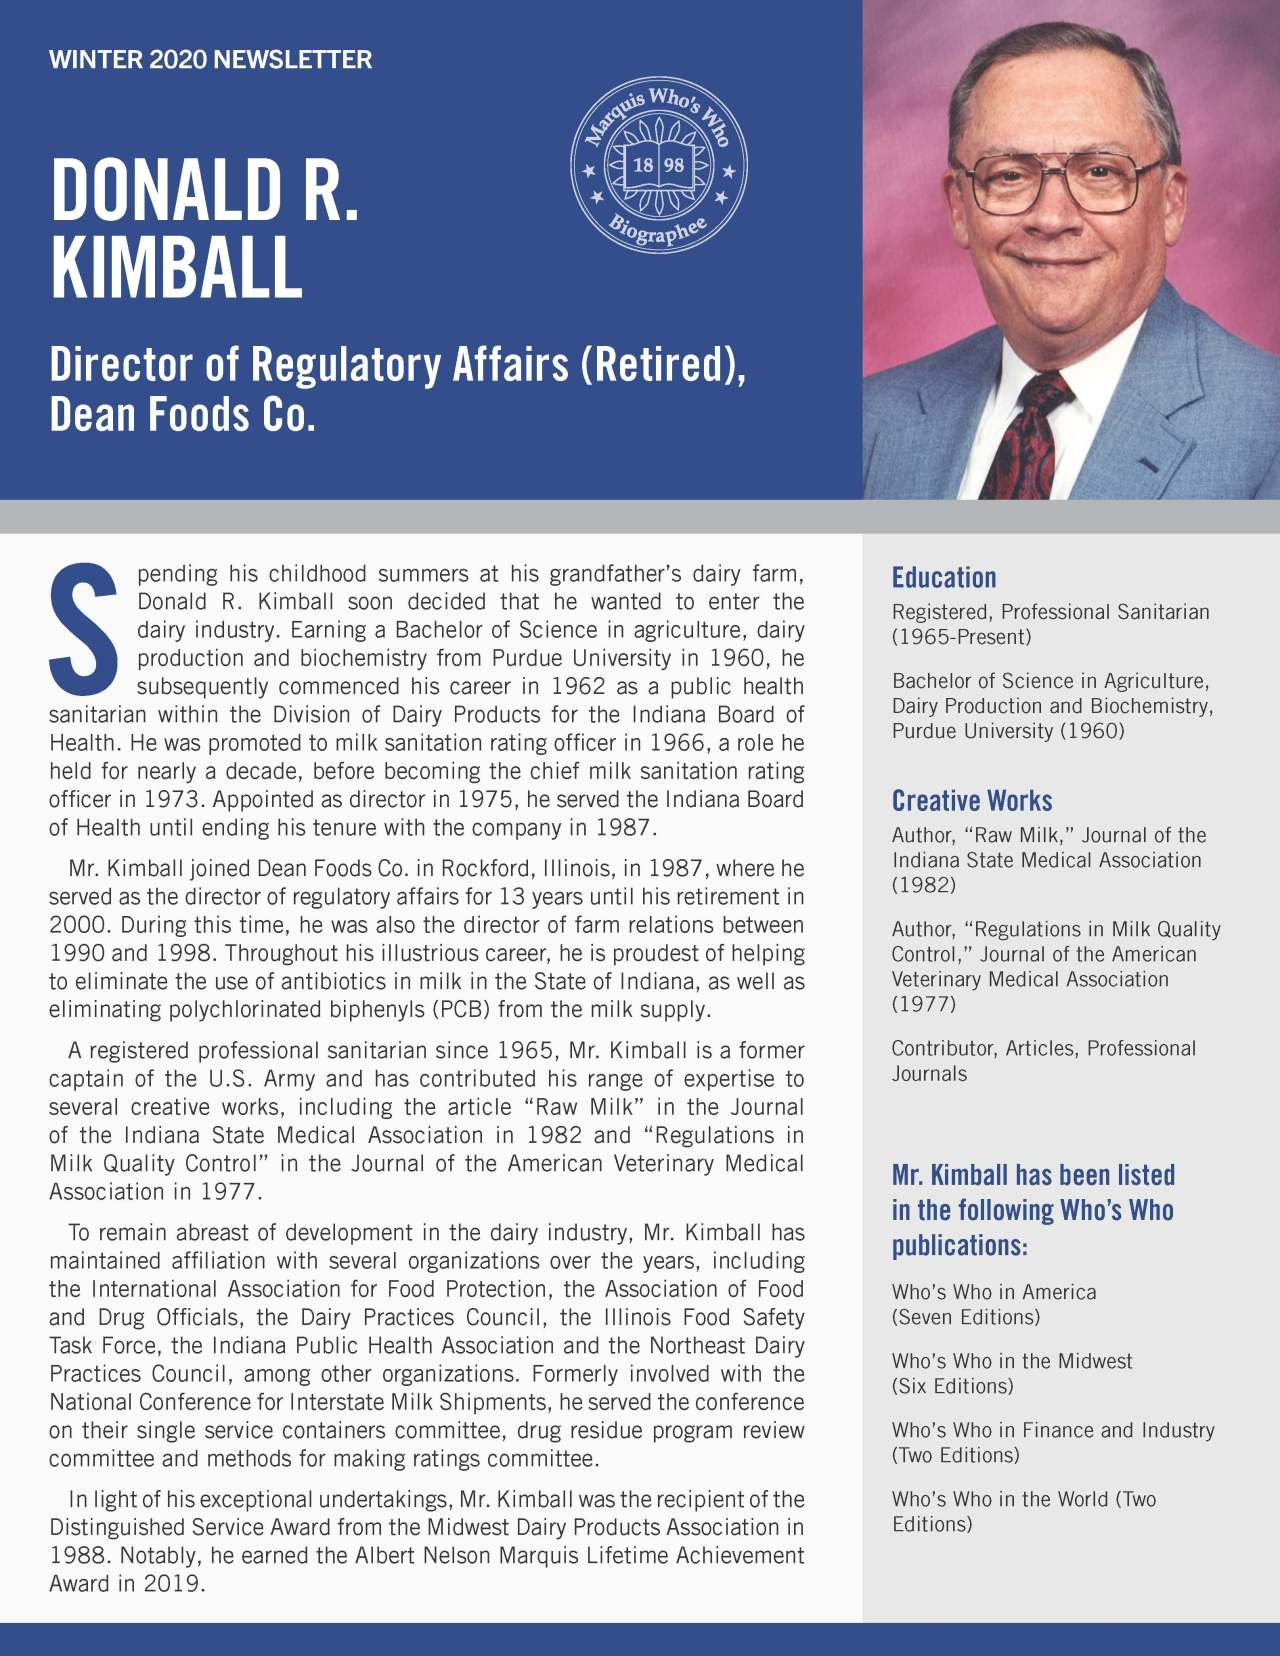 Kimball, Donald 4285649_17485765 Newsletter